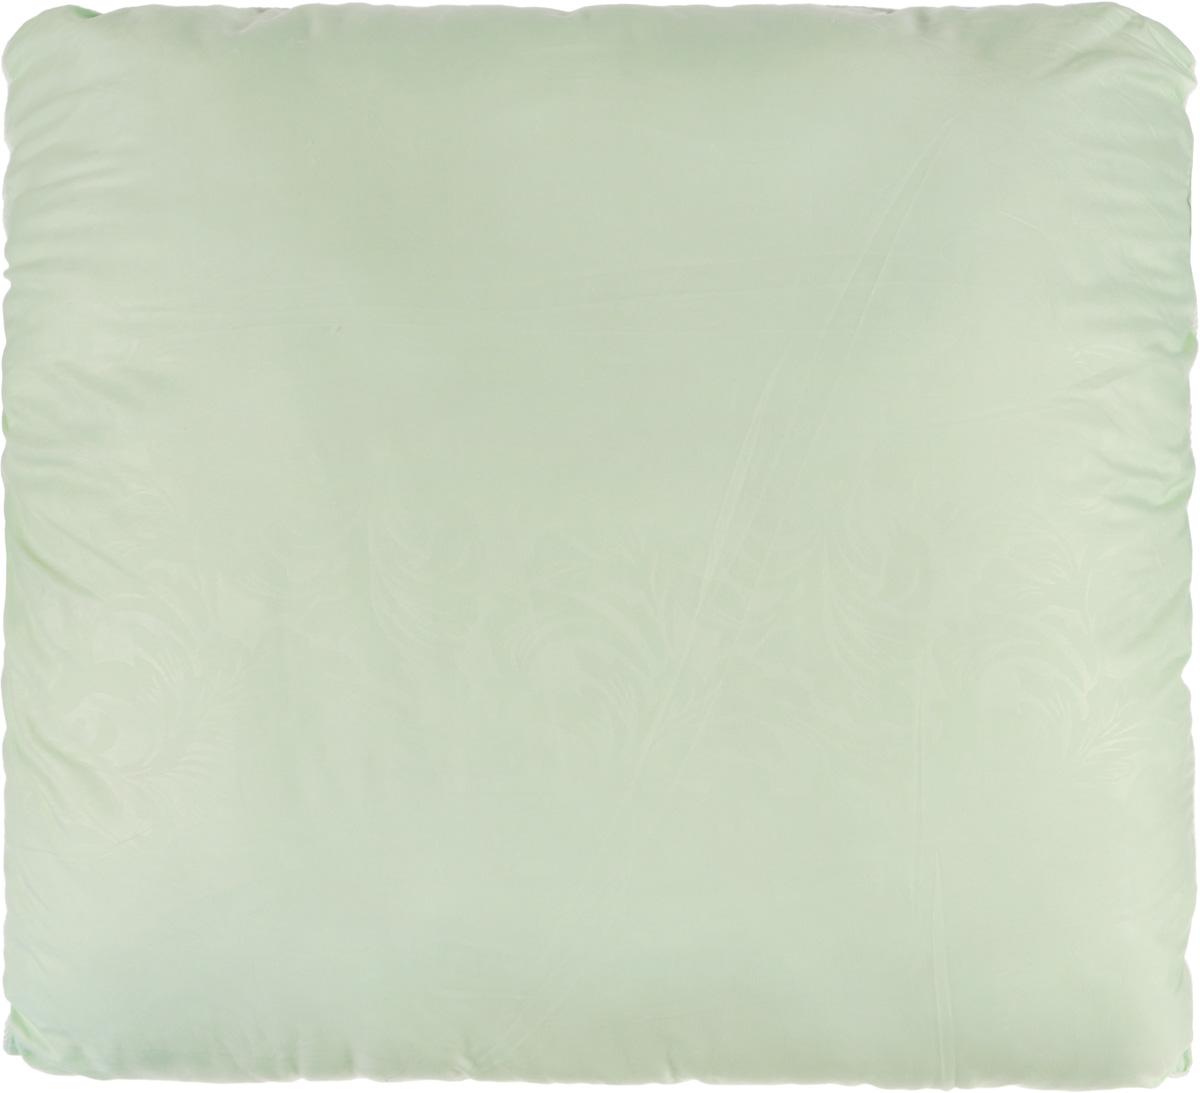 Подушка Smart Textile Безмятежность, наполнитель: лебяжий пух, цвет: светло-зеленый, 70 х 70 смВZ27Удобная и мягкая подушка Smart Textile Безмятежность подарит здоровый сон и отличный отдых. Чехол подушки на молнии выполнен из микрофибры с красивым узором. В качестве наполнителя используется лебяжий пух. Лебяжий пух - это 100% сверхтонкое высокосиликонизированное волокно. Такой наполнитель мягкий, приятный на ощупь и гипоаллергенный. Подушка удобна в эксплуатации: легко стирается, быстро сохнет, сохраняя первоначальные свойства, устойчива к воздействию прямых солнечных лучей, износостойка и прочна. Изделие обладает высокой теплоизоляционной способностью - не вызывает перегрева головы. Подушка обеспечит правильную поддержку головы и шеи во время сна. Наполнитель не сбивается в комки и сохраняет тепло. Подушка с этим наполнителем подойдет людям, склонным к аллергии, так как отталкивает пыль и не впитывает запахи.